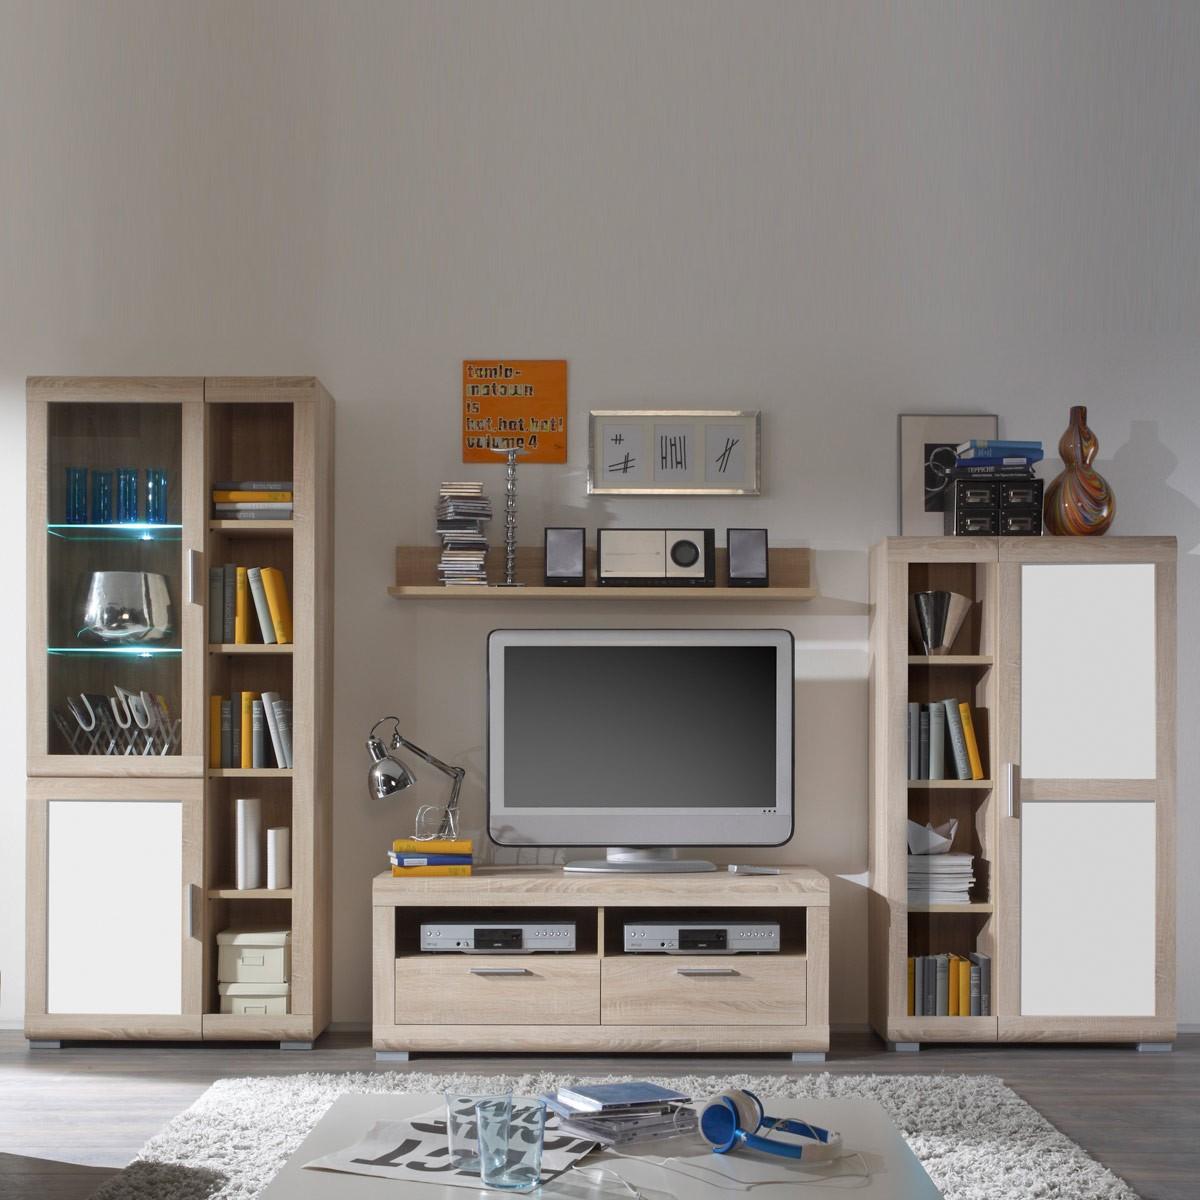 feuerwehr kinderzimmer. Black Bedroom Furniture Sets. Home Design Ideas